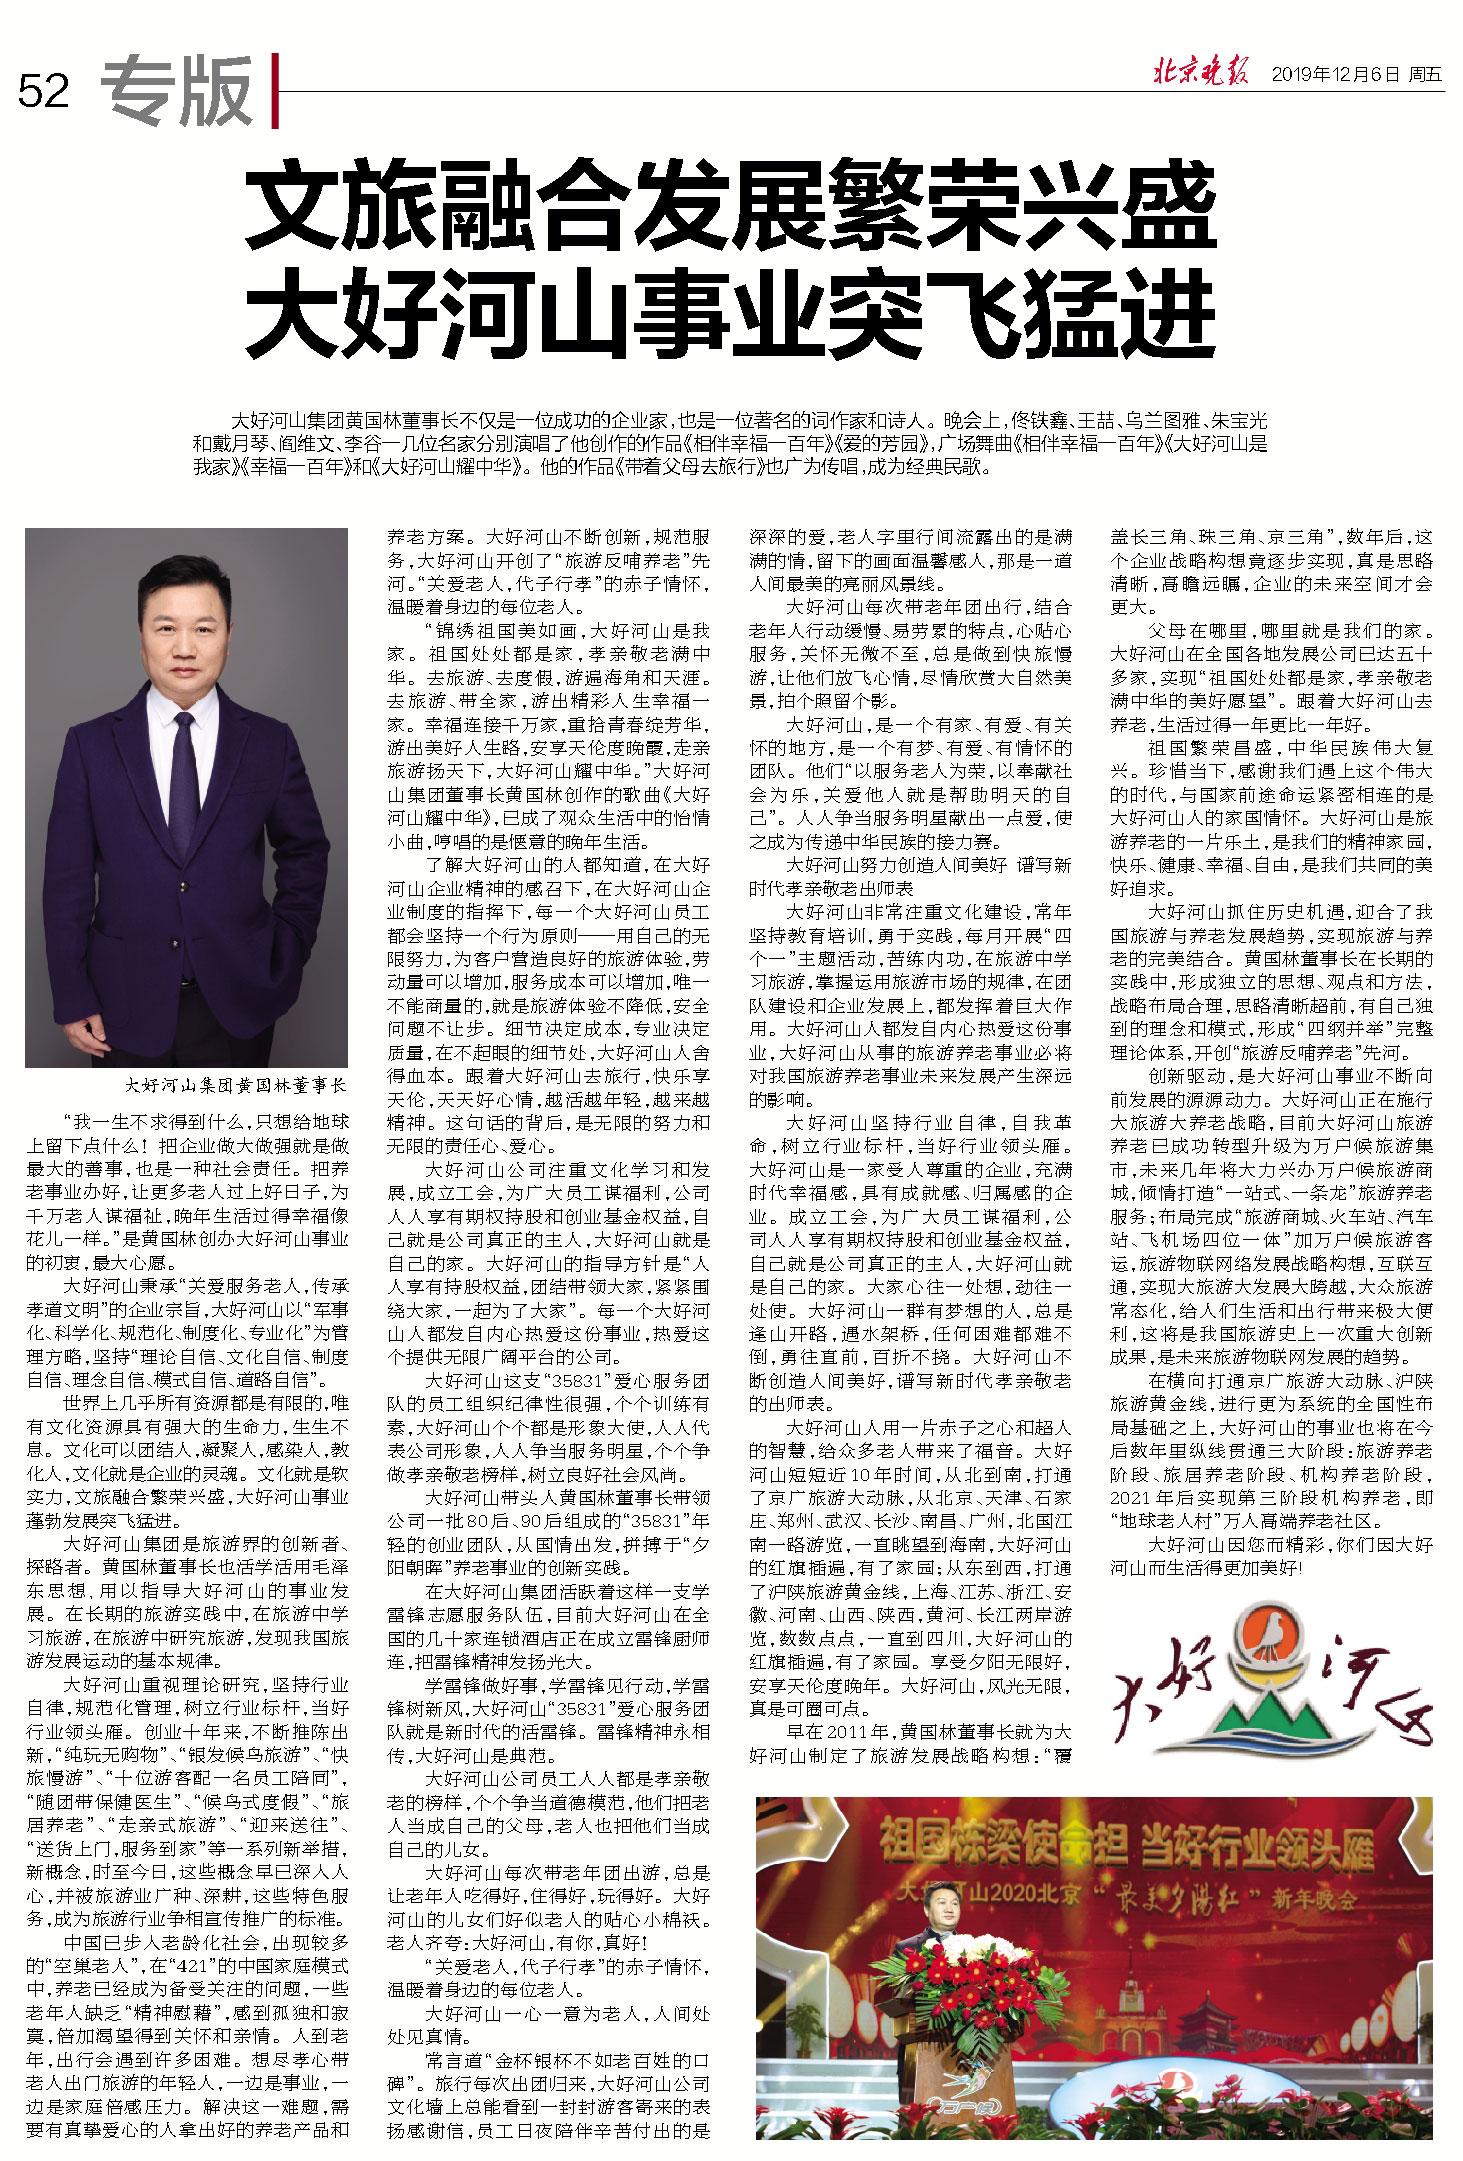 北京晚报 2019-12-06 专版52